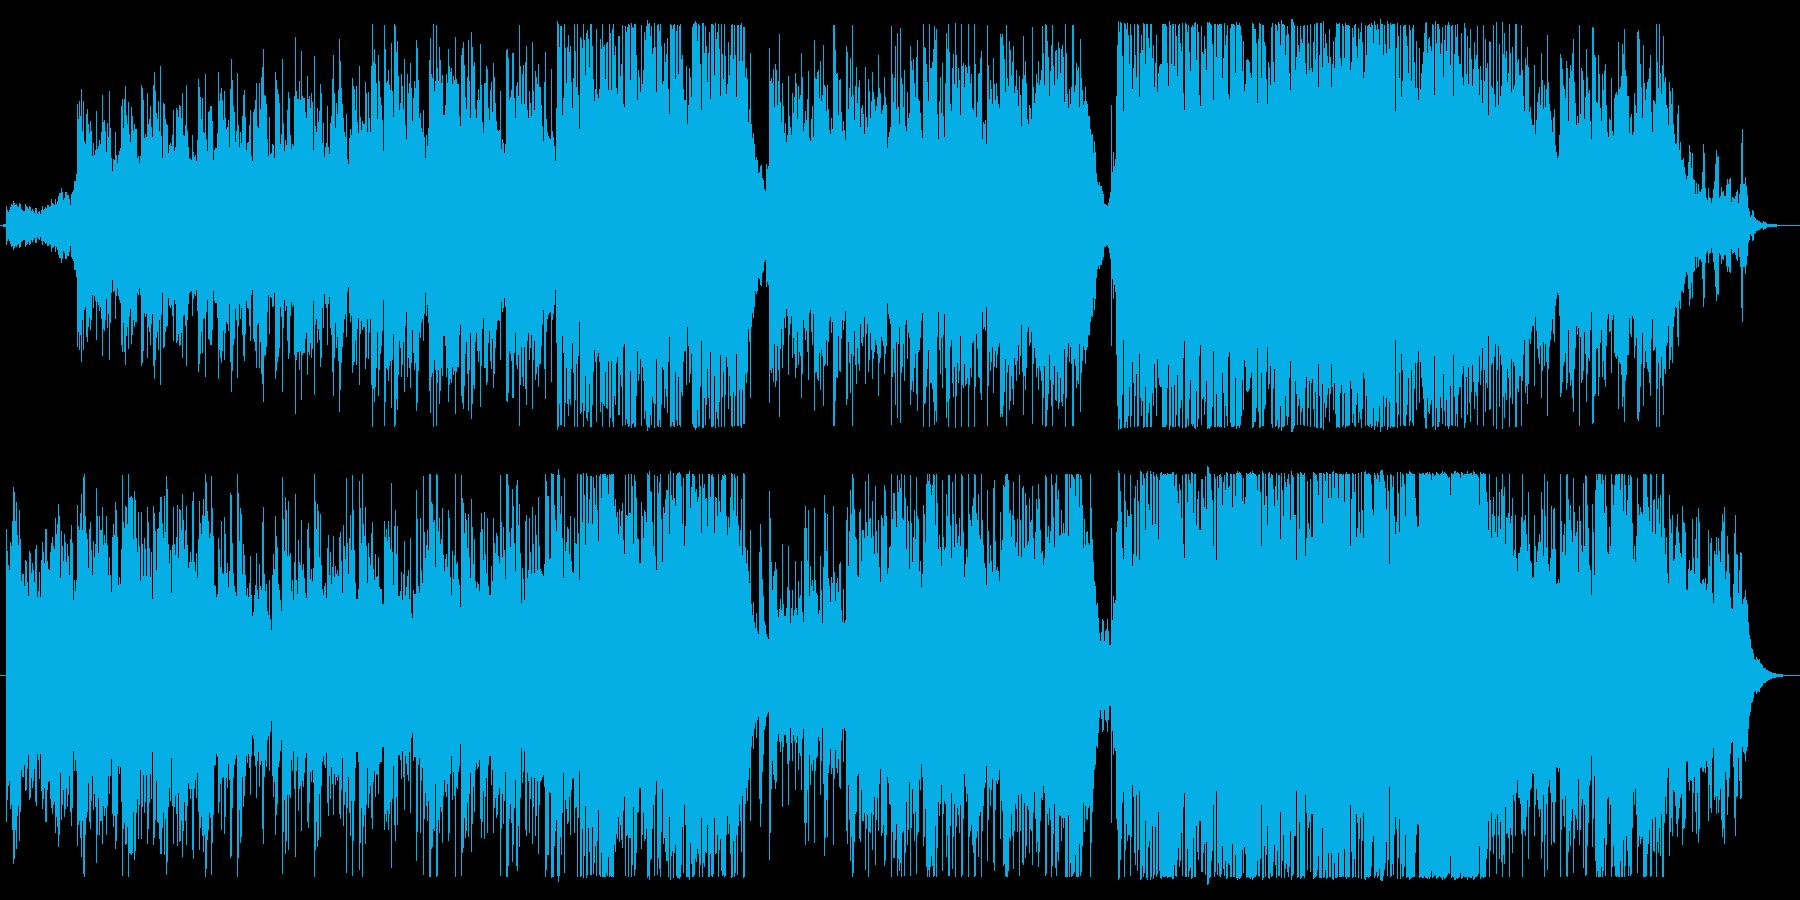 包むように温かく、清らかで美しい曲の再生済みの波形